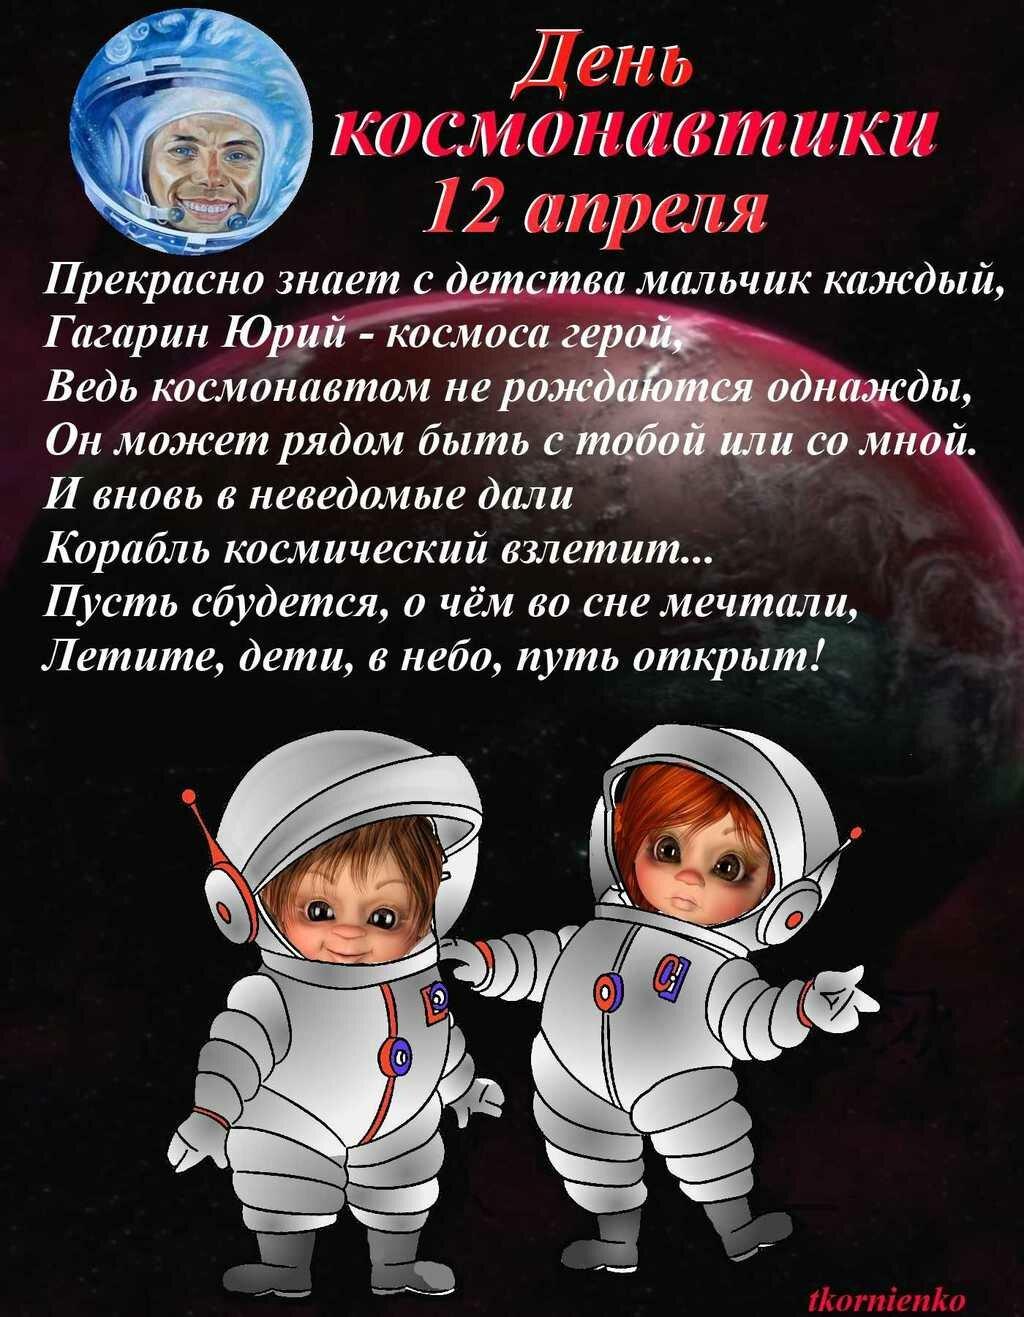 Картинки прикольные к дню космонавтики, для текста